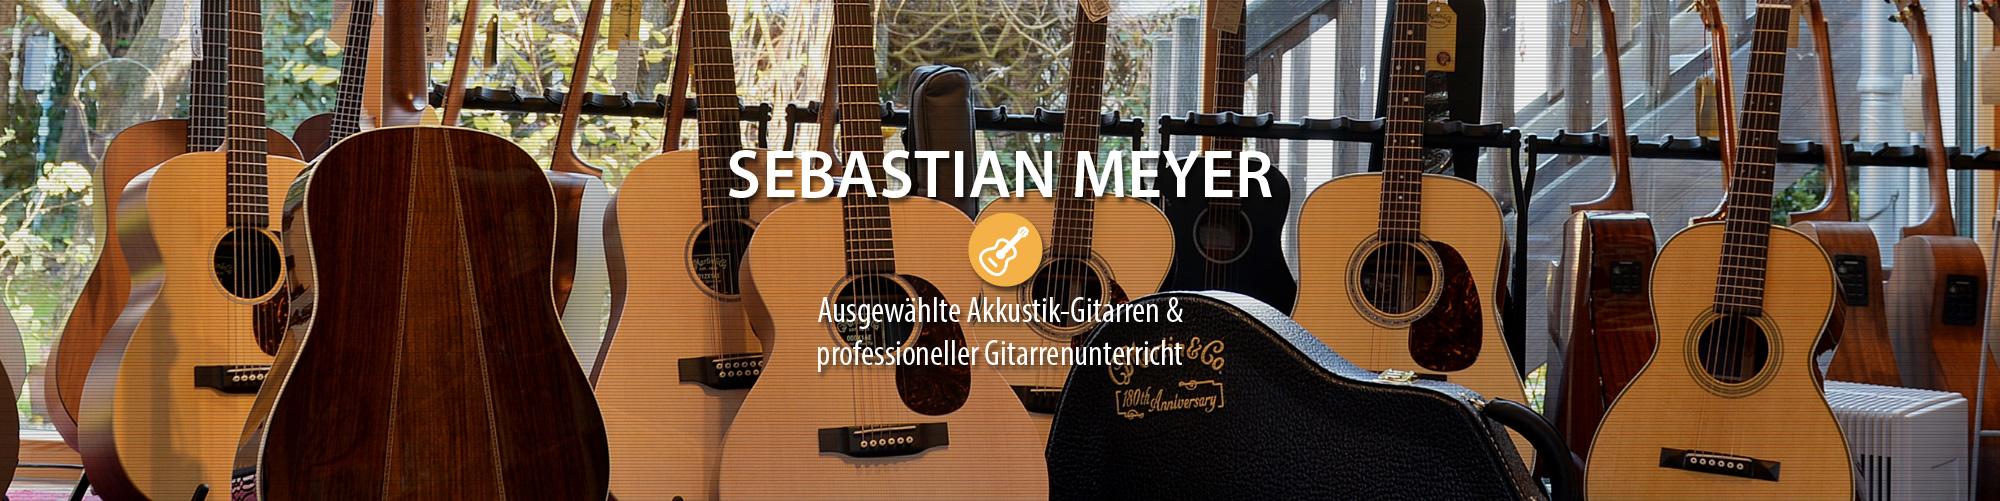 Gitarren Meyer